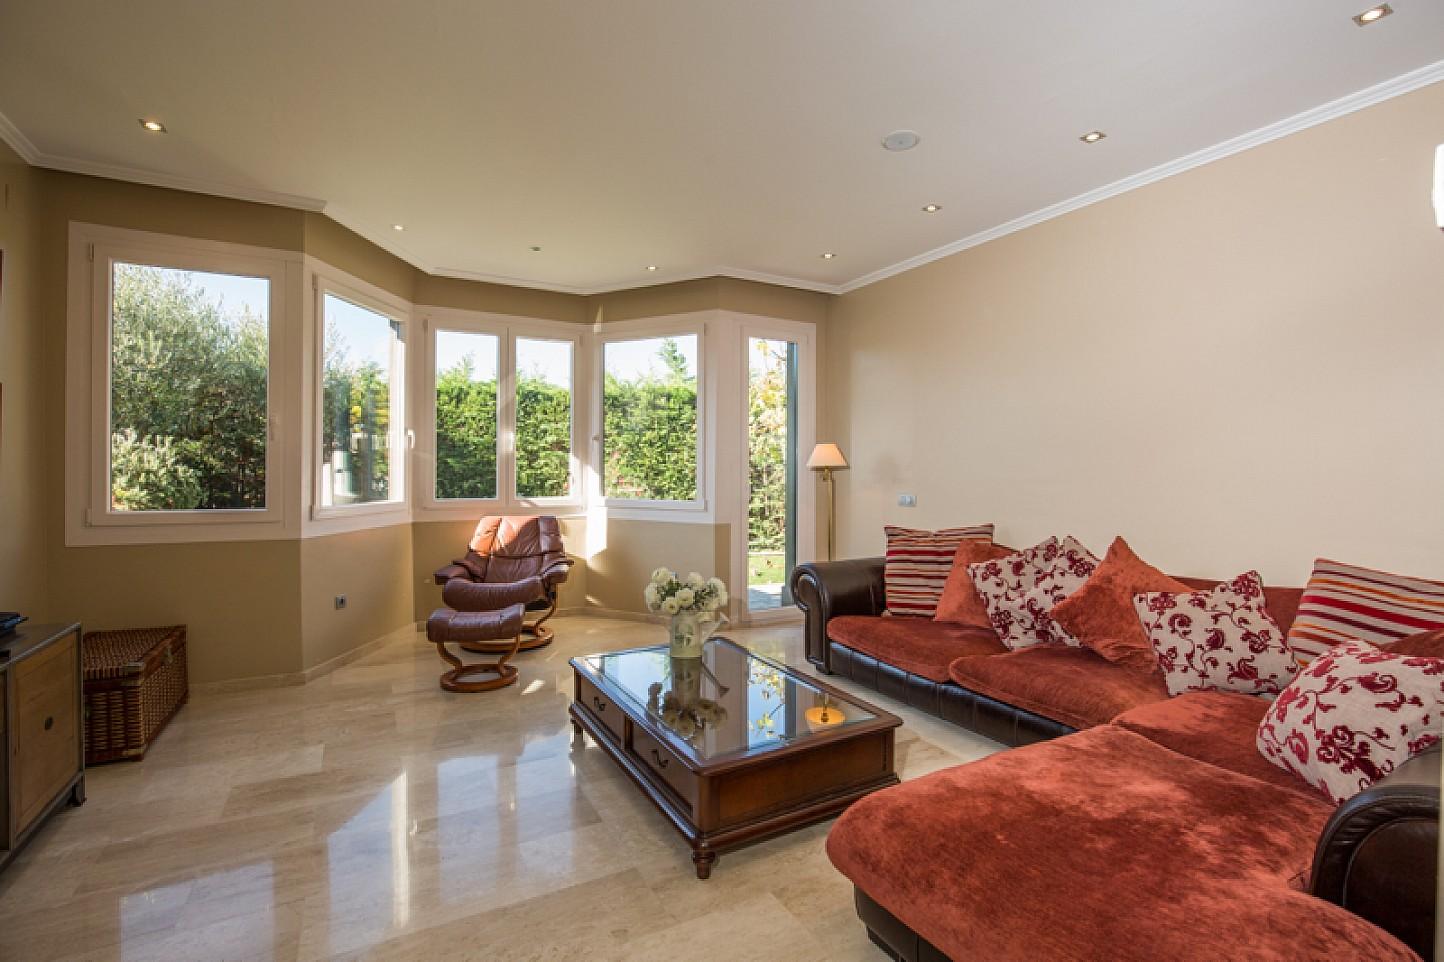 vista de sala de estar con salida a jardín en cas de lujo en venta en Lloret de Mar en la Costa Brava